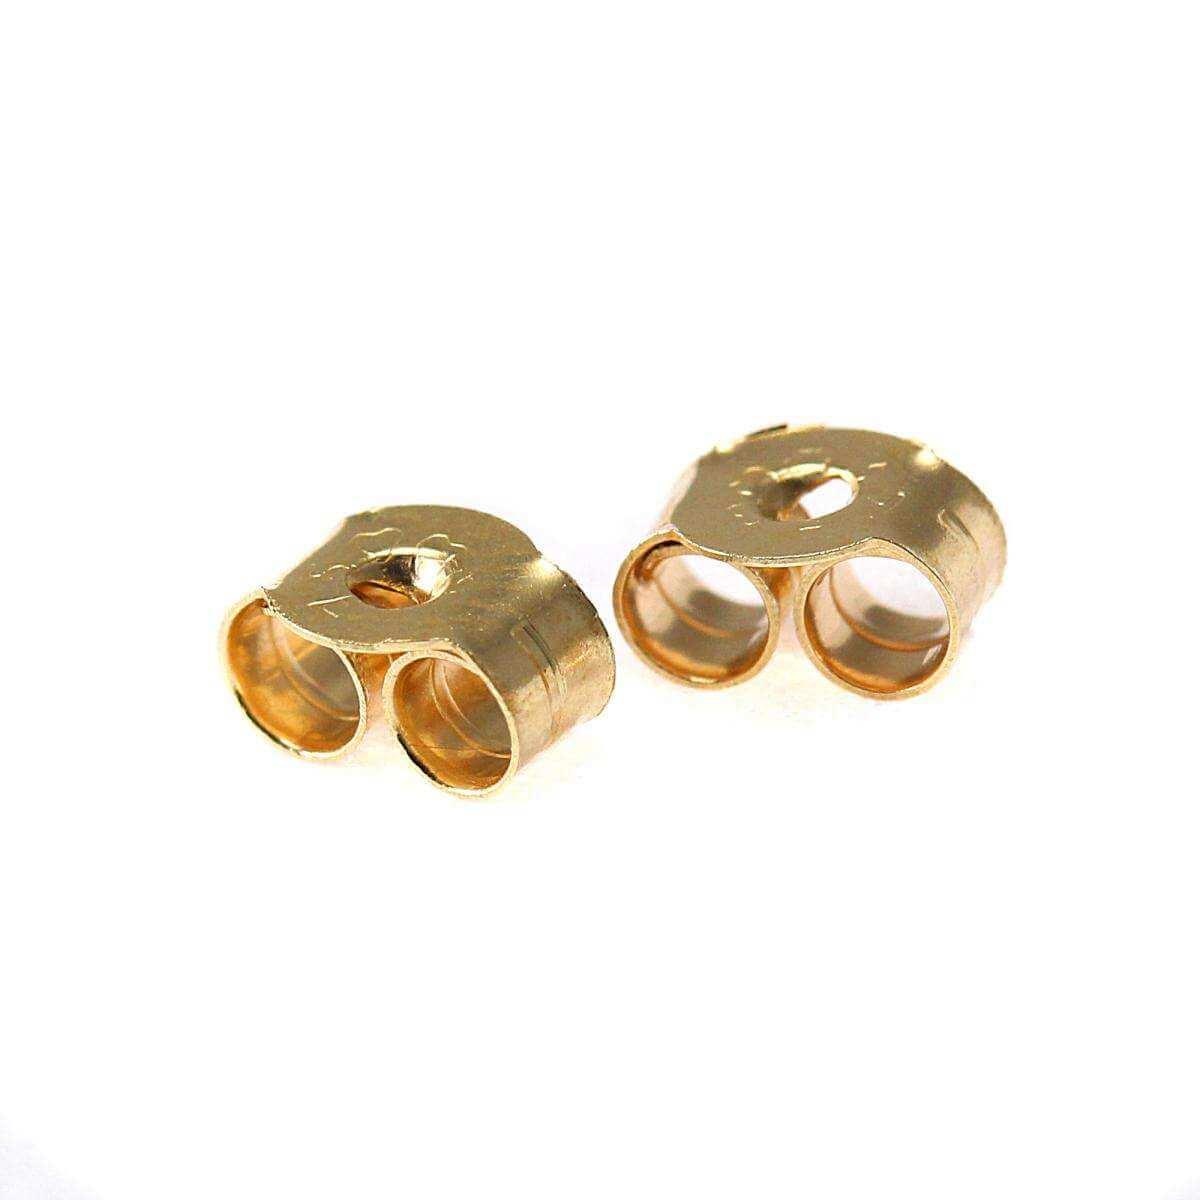 9ct Gold Butterfly Backs Scrolls for Stud Earrings 5mm